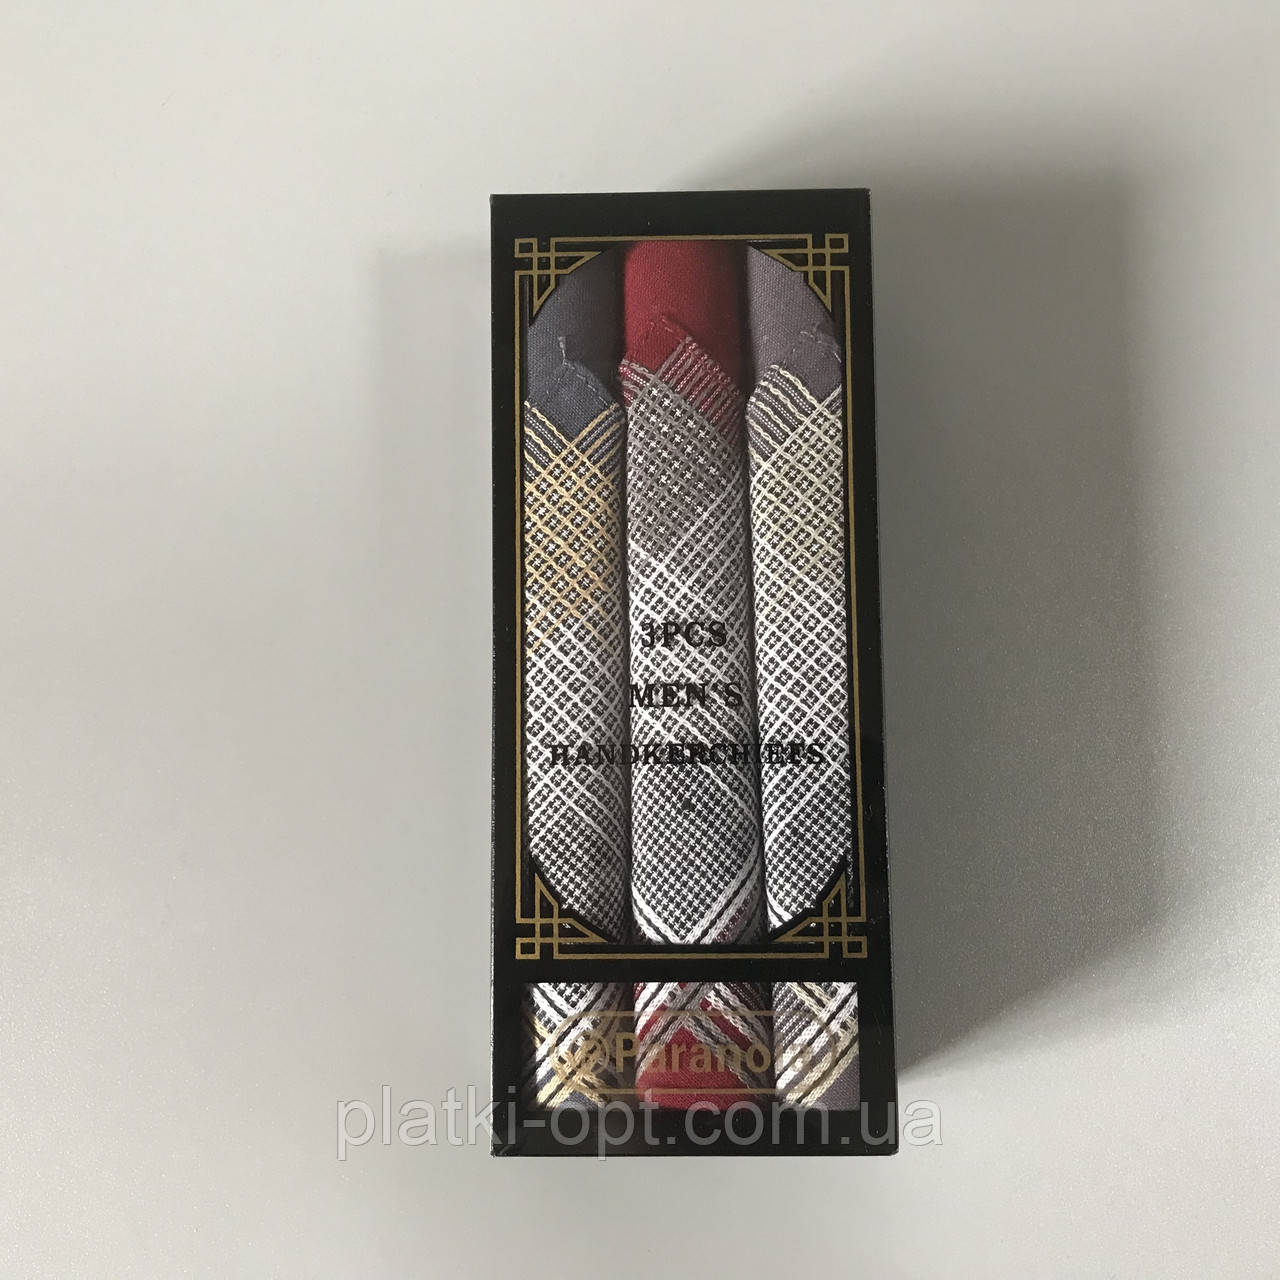 Мужской носовой платок в коробке (сатин)